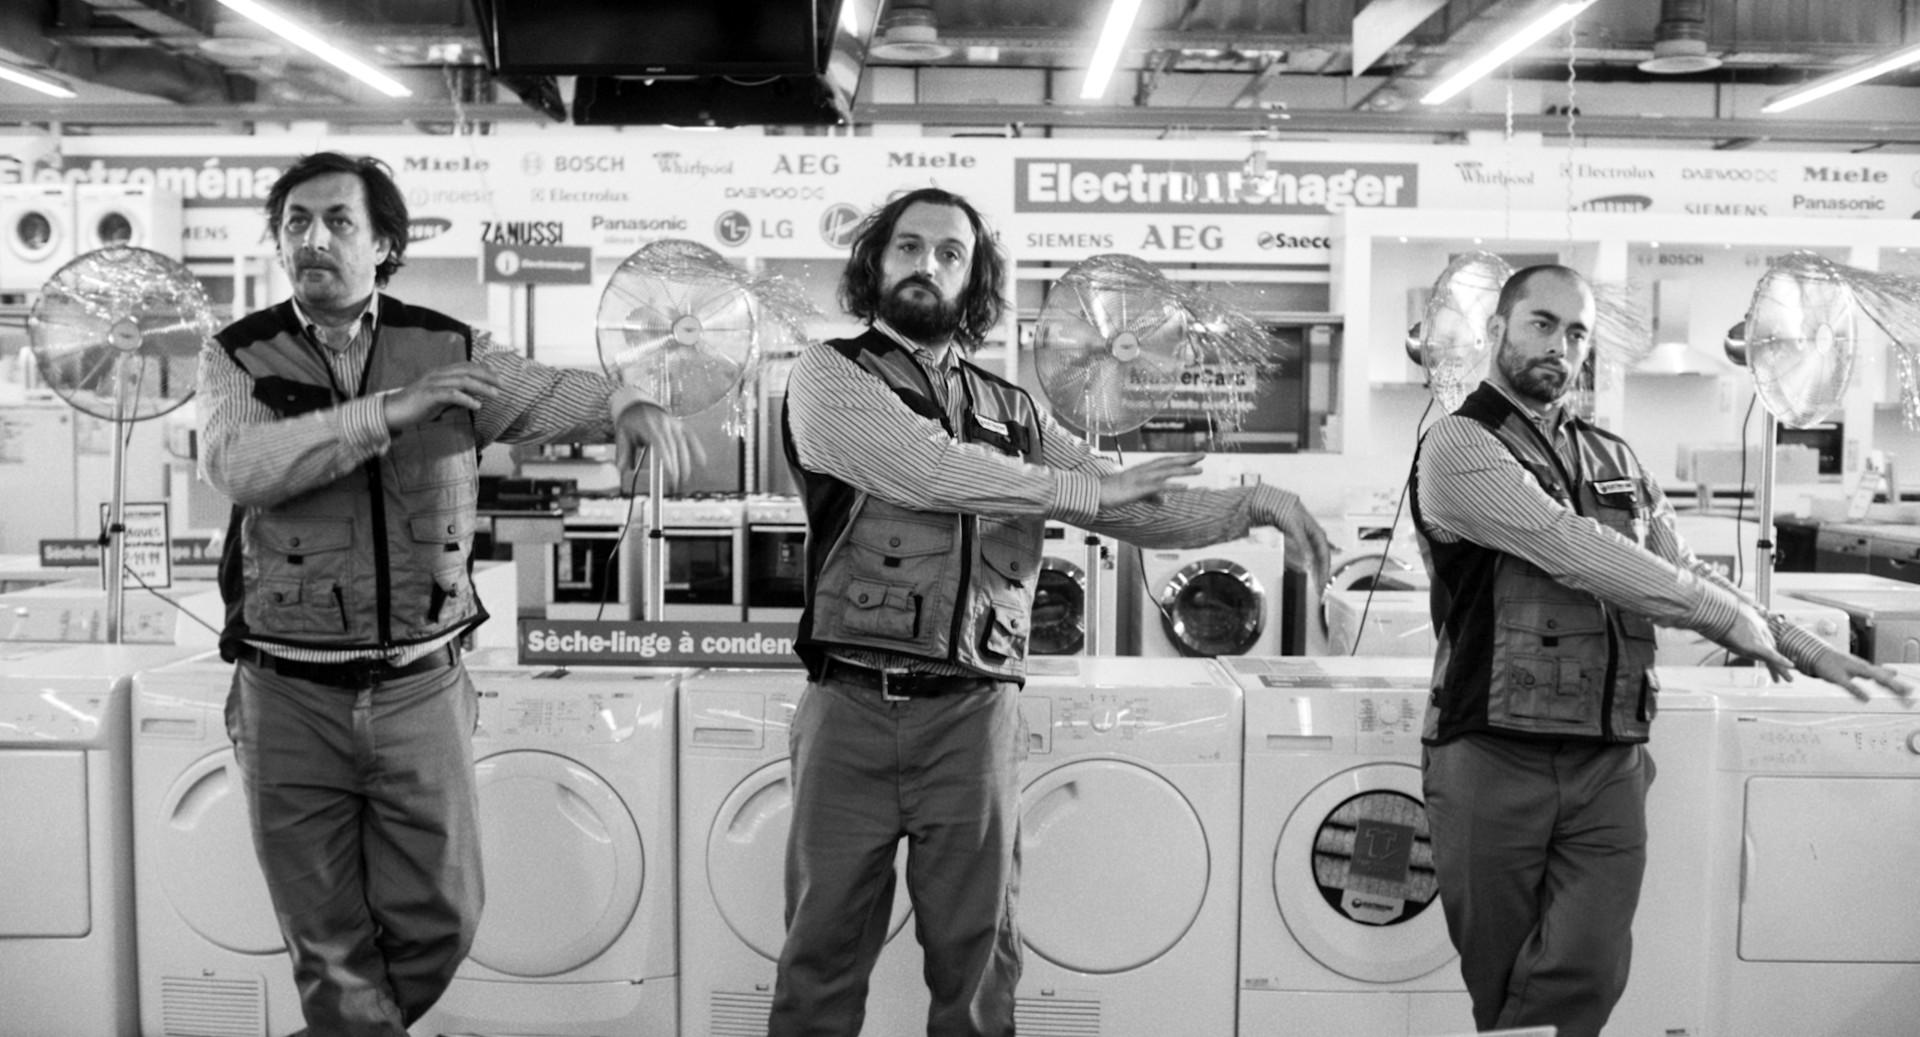 JMTALD Choregraphie magasin electro - copie